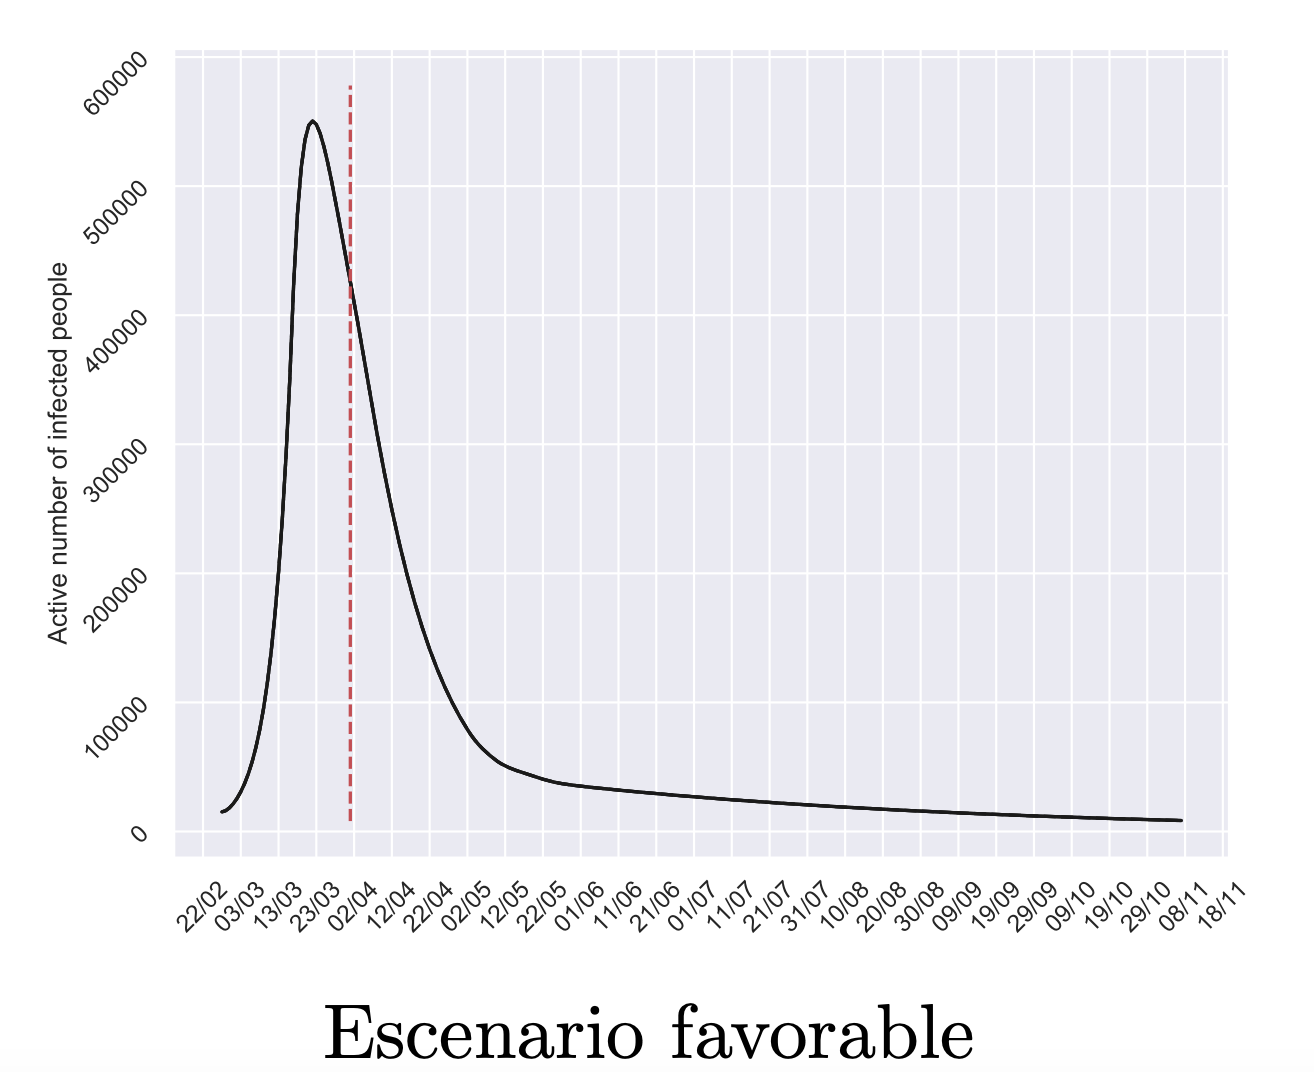 6-fin-cuarentena-coronavirus-espana-vera